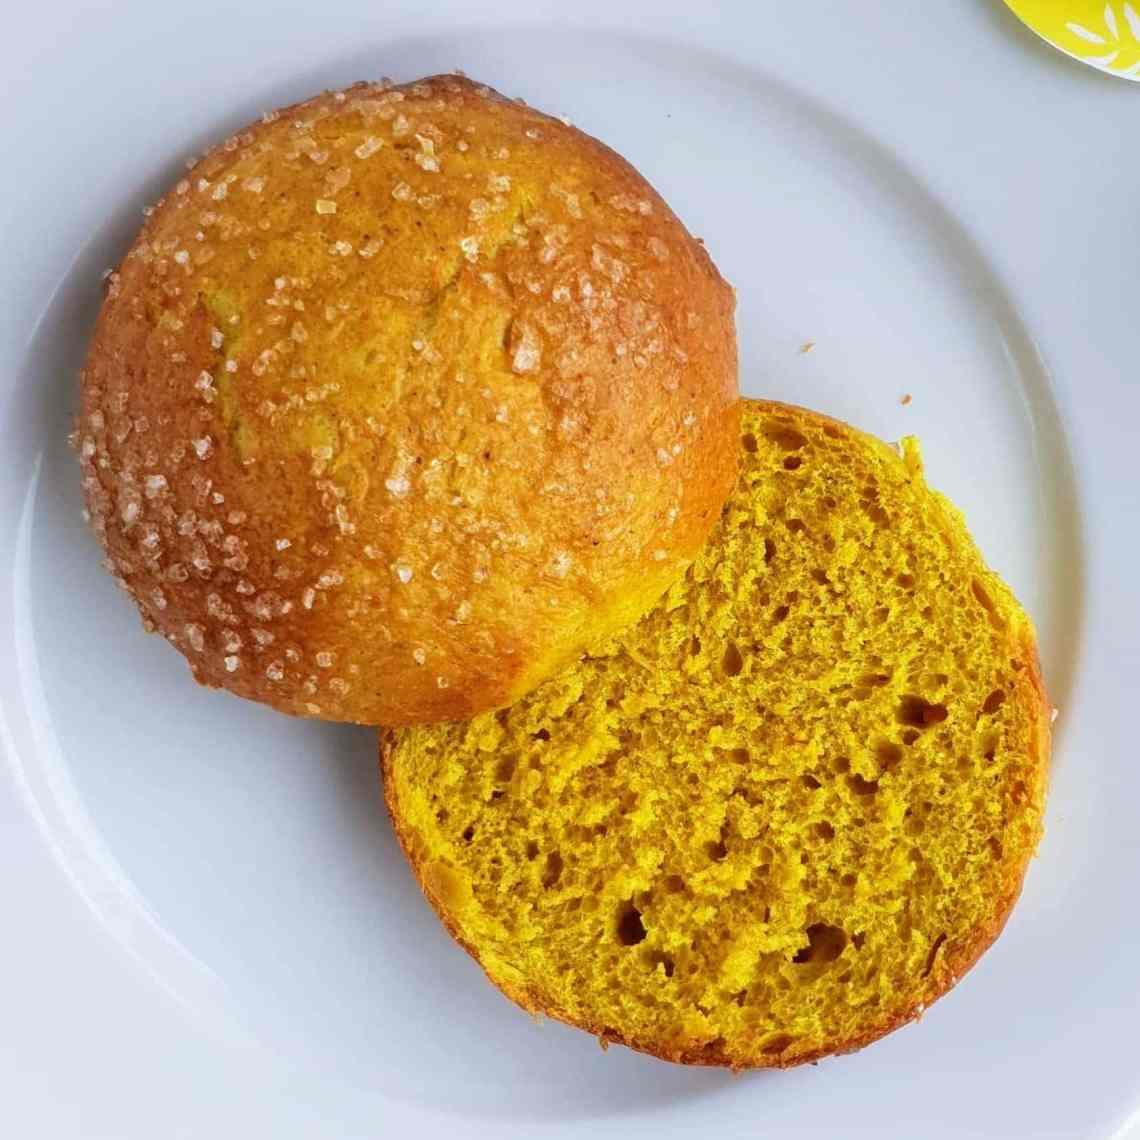 Lækre gule boller – fnuglette solskins teboller. Her får du opskriften på en solskinsgul bolle, som kan spises året rundt. Solskinsbollerne er krydret med kanel, gurkemeje og appelsinmarmelade. Den fugtige dej, gør at bollerne bliver fnuglette. Spis dine gule boller til morgenmad, fødselsdag eller til din eftermiddagskaffe/-te.   Find opskrifter, gratis print og inspiration til årets gang på danishthings.com #DanishThings #boller #gule #påske #jul #fødselsdag #teboller #luftige #fnuglette